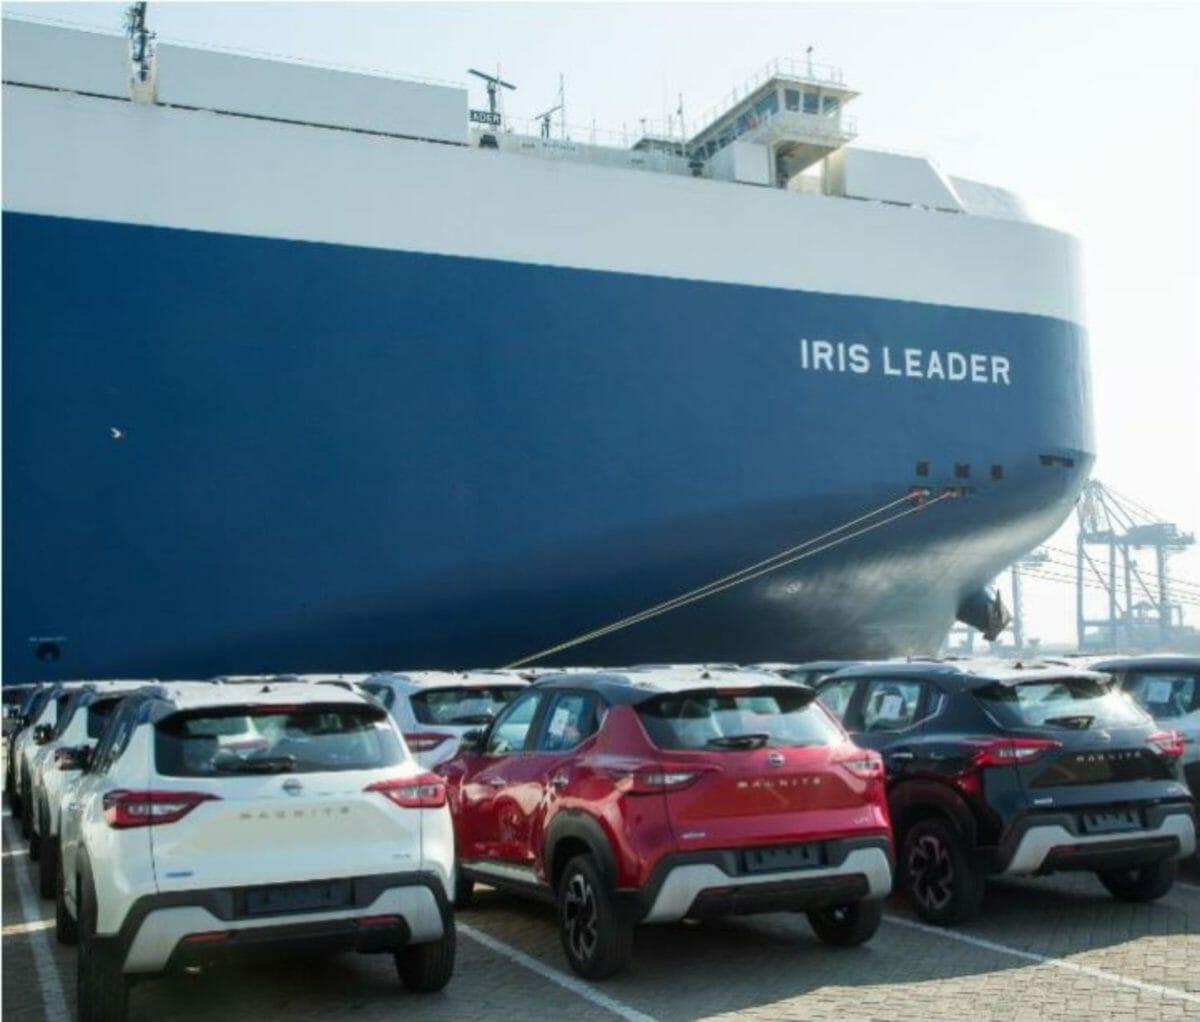 Nissan Magnite exports